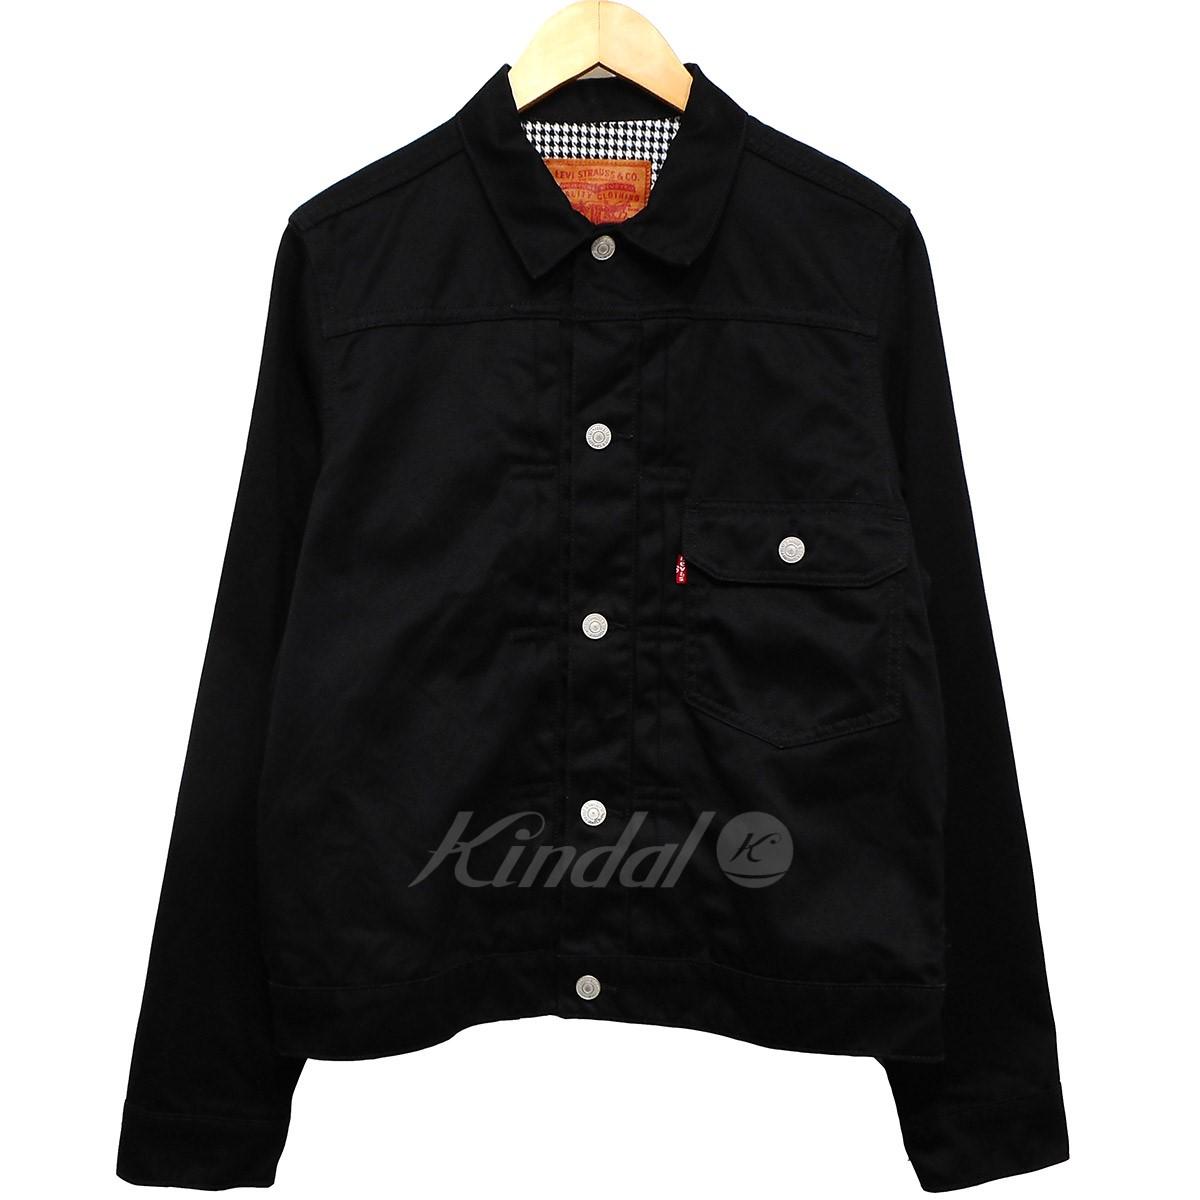 【中古】Supreme×Levi's 13SS Type 1 Jacket ツイルワークジャケット 【送料無料】 【007544】 【KIND1551】